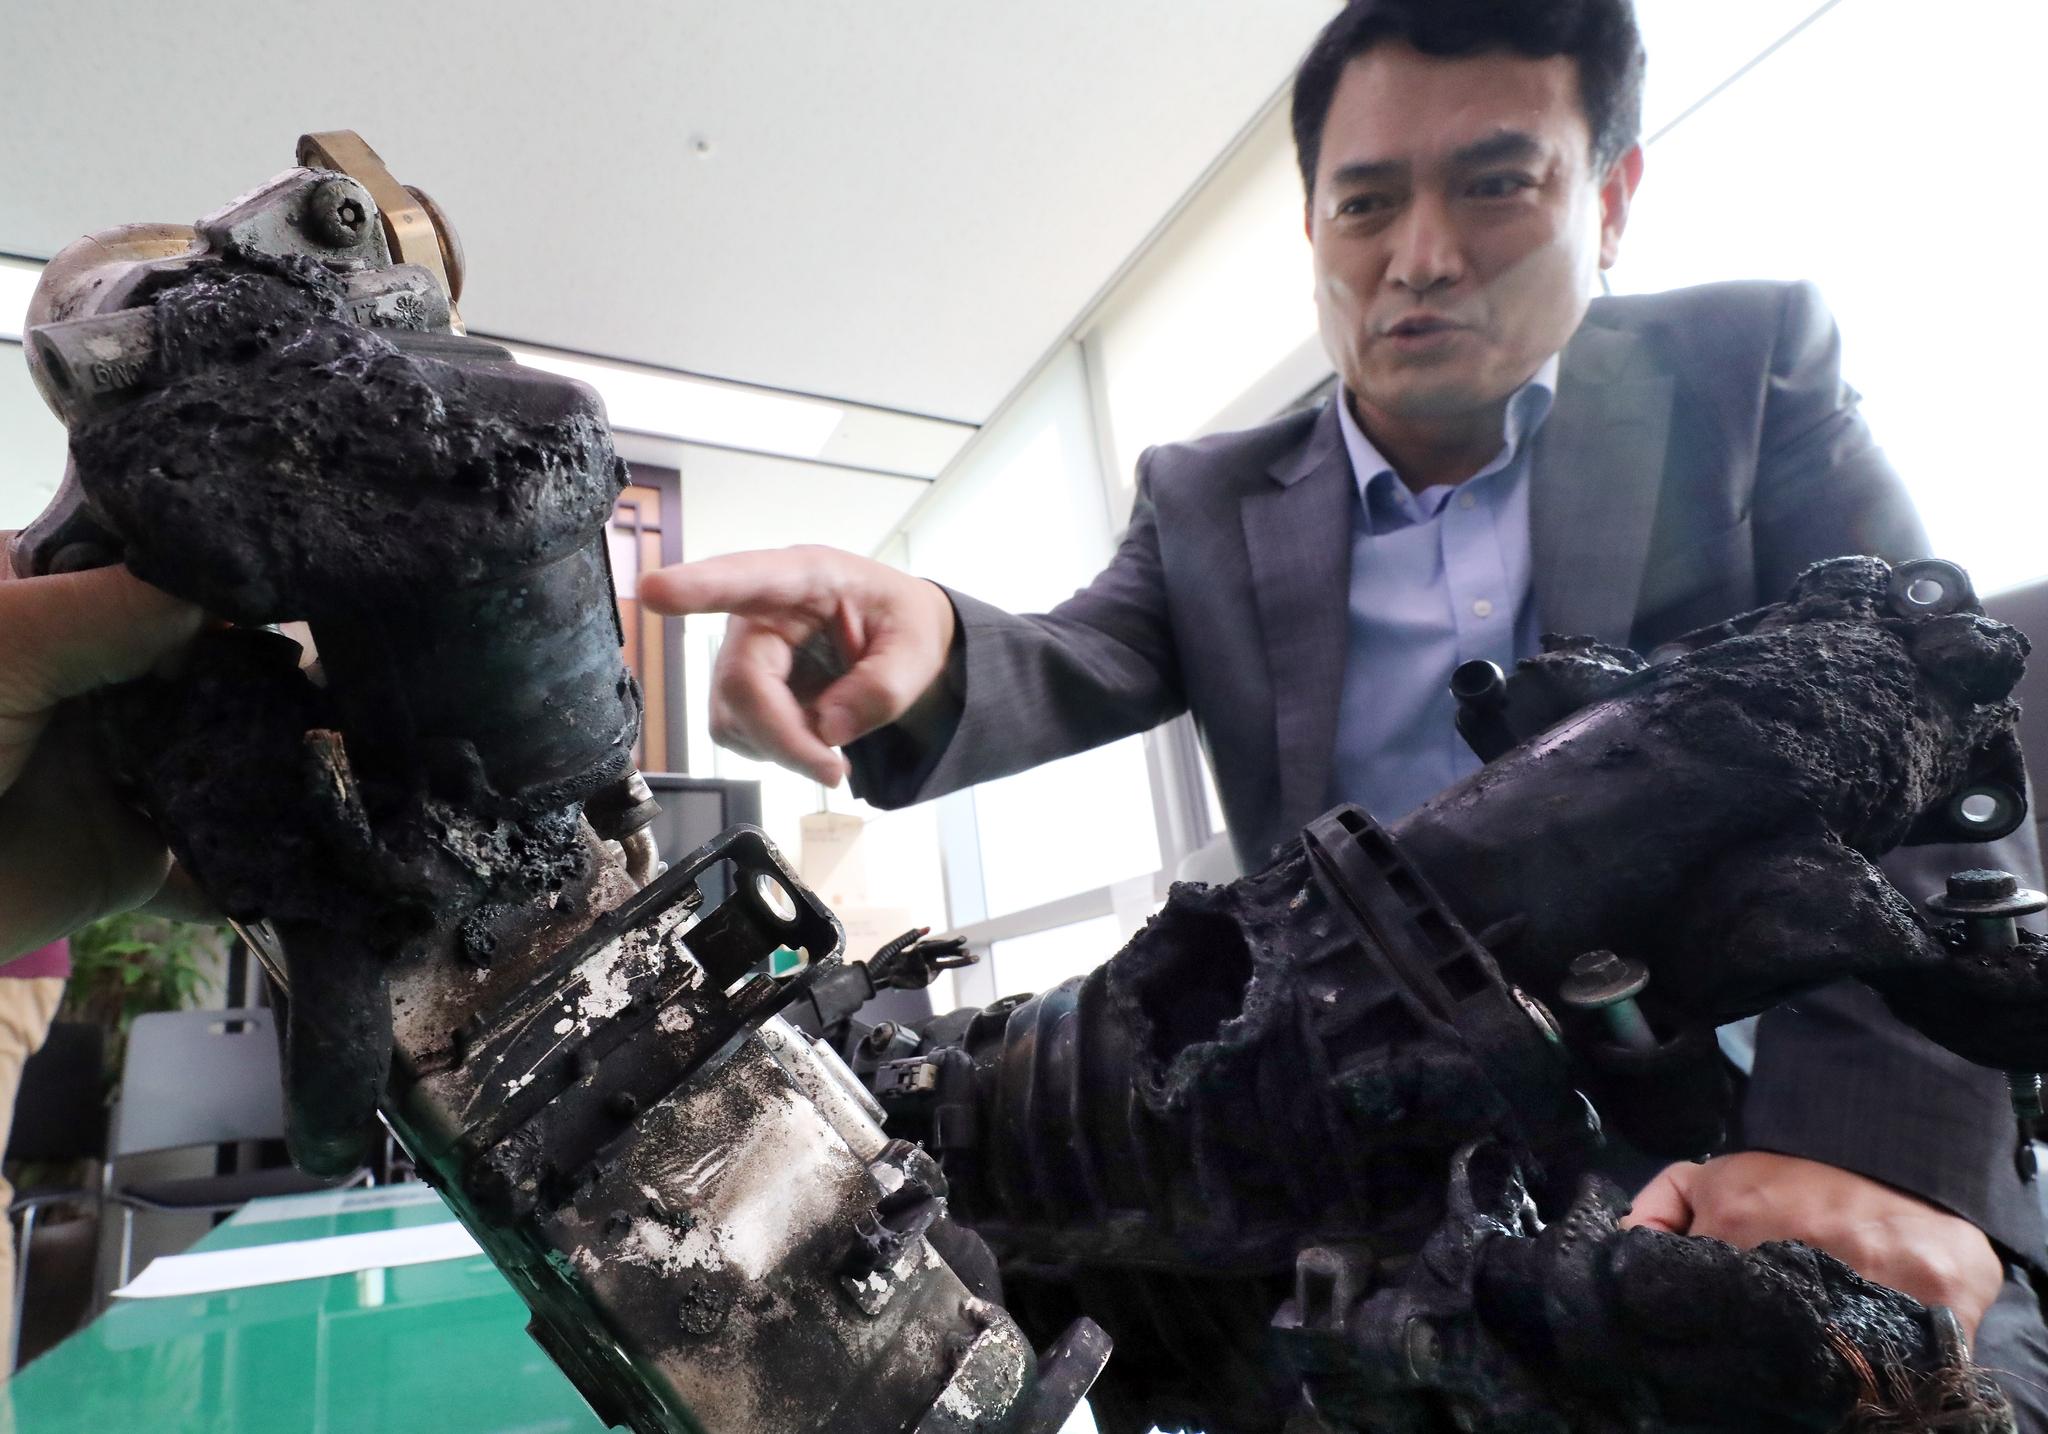 김경욱 국토교통부 교통물류실장이 6일 정부세종청사 국토부 기자실에서 전남 목포에서 안전진단 을 받은 BMW 520d 차량 화재 발생과 관련, 해당차량에서 수거한 배기가스재순환장치(EGR)와 흡기다기관 부품을 공개하고 있다. [뉴스1]